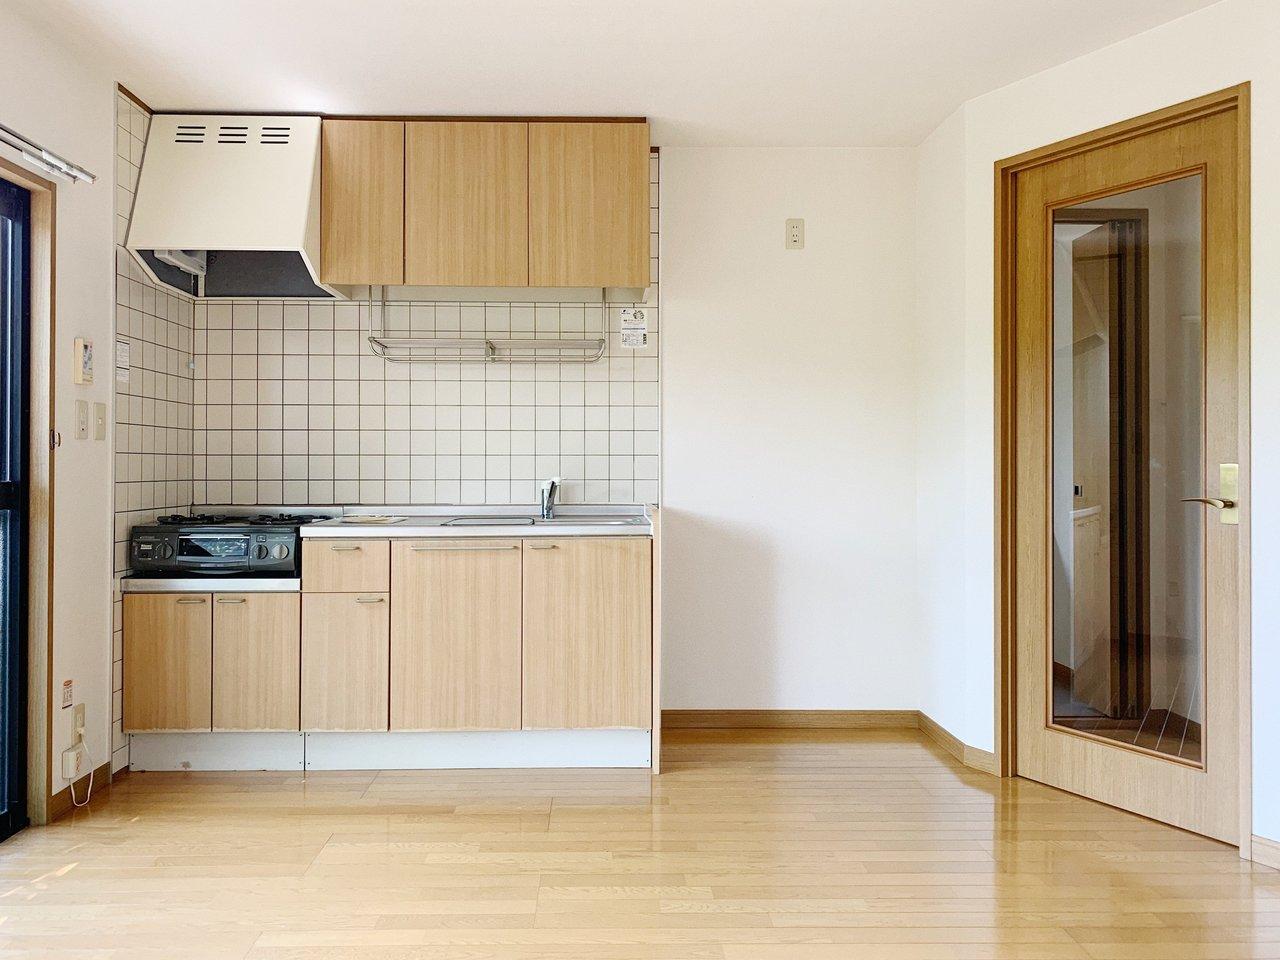 ナチュラルテイストのキッチンが可愛いLDK。LDK以外に、部屋が4つもあるのでいろんな使い方ができそうです。